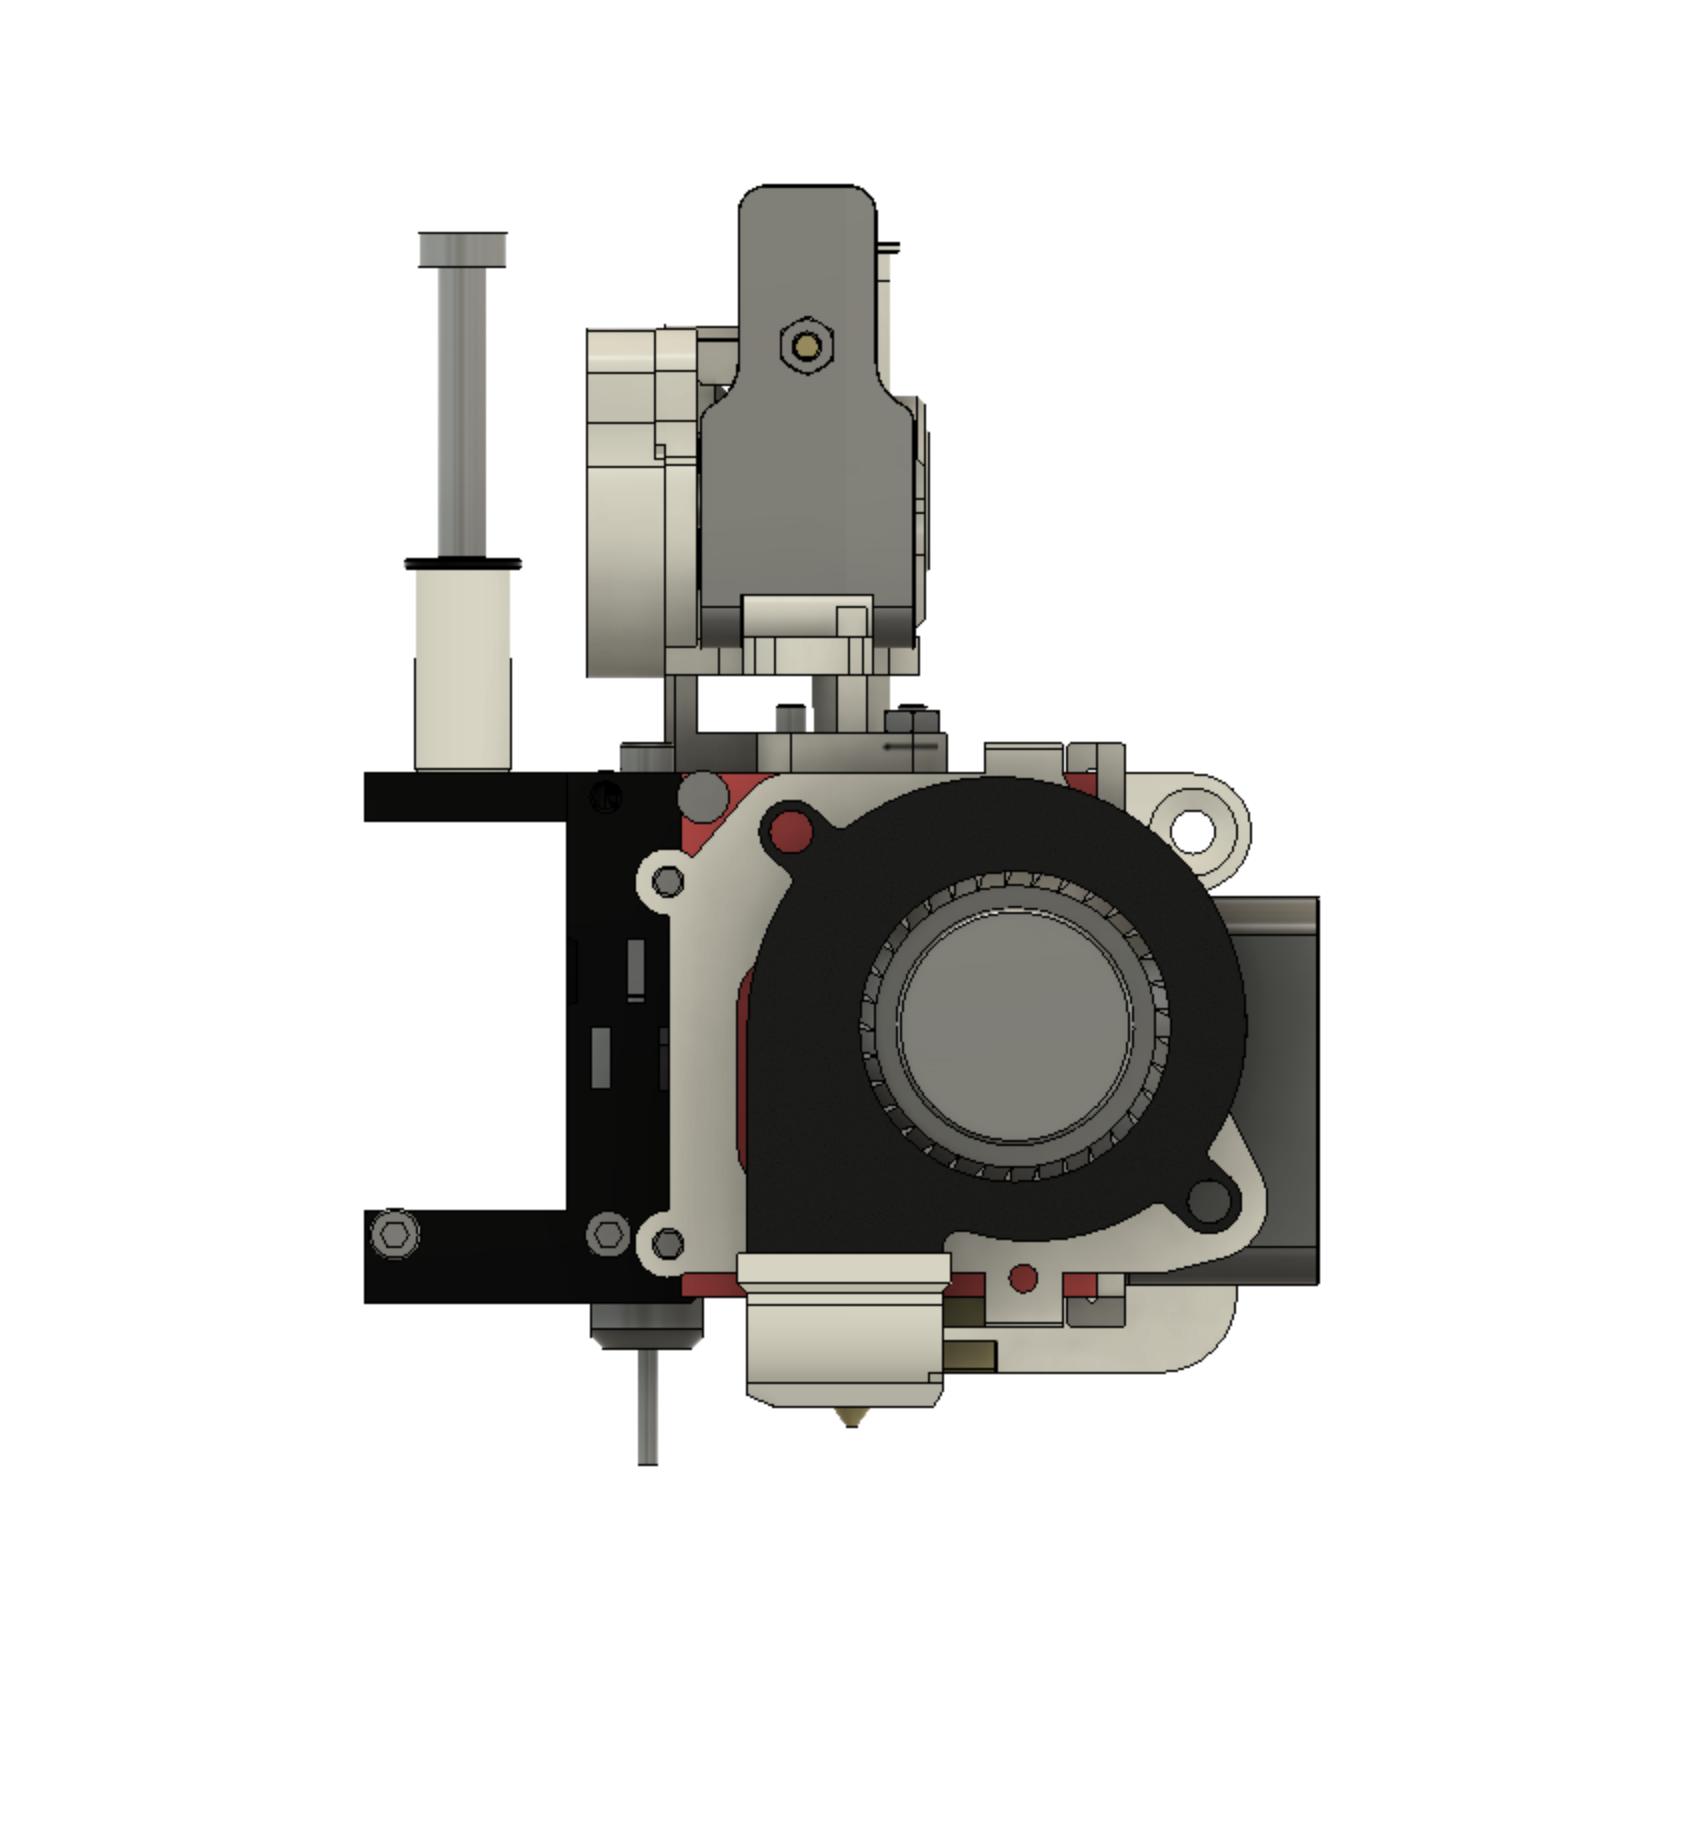 SideView.png Télécharger fichier STL gratuit Formbot Troodon Orbiter Direct Drive Extruder (DDE) Part 1/2 • Design pour impression 3D, ja11en